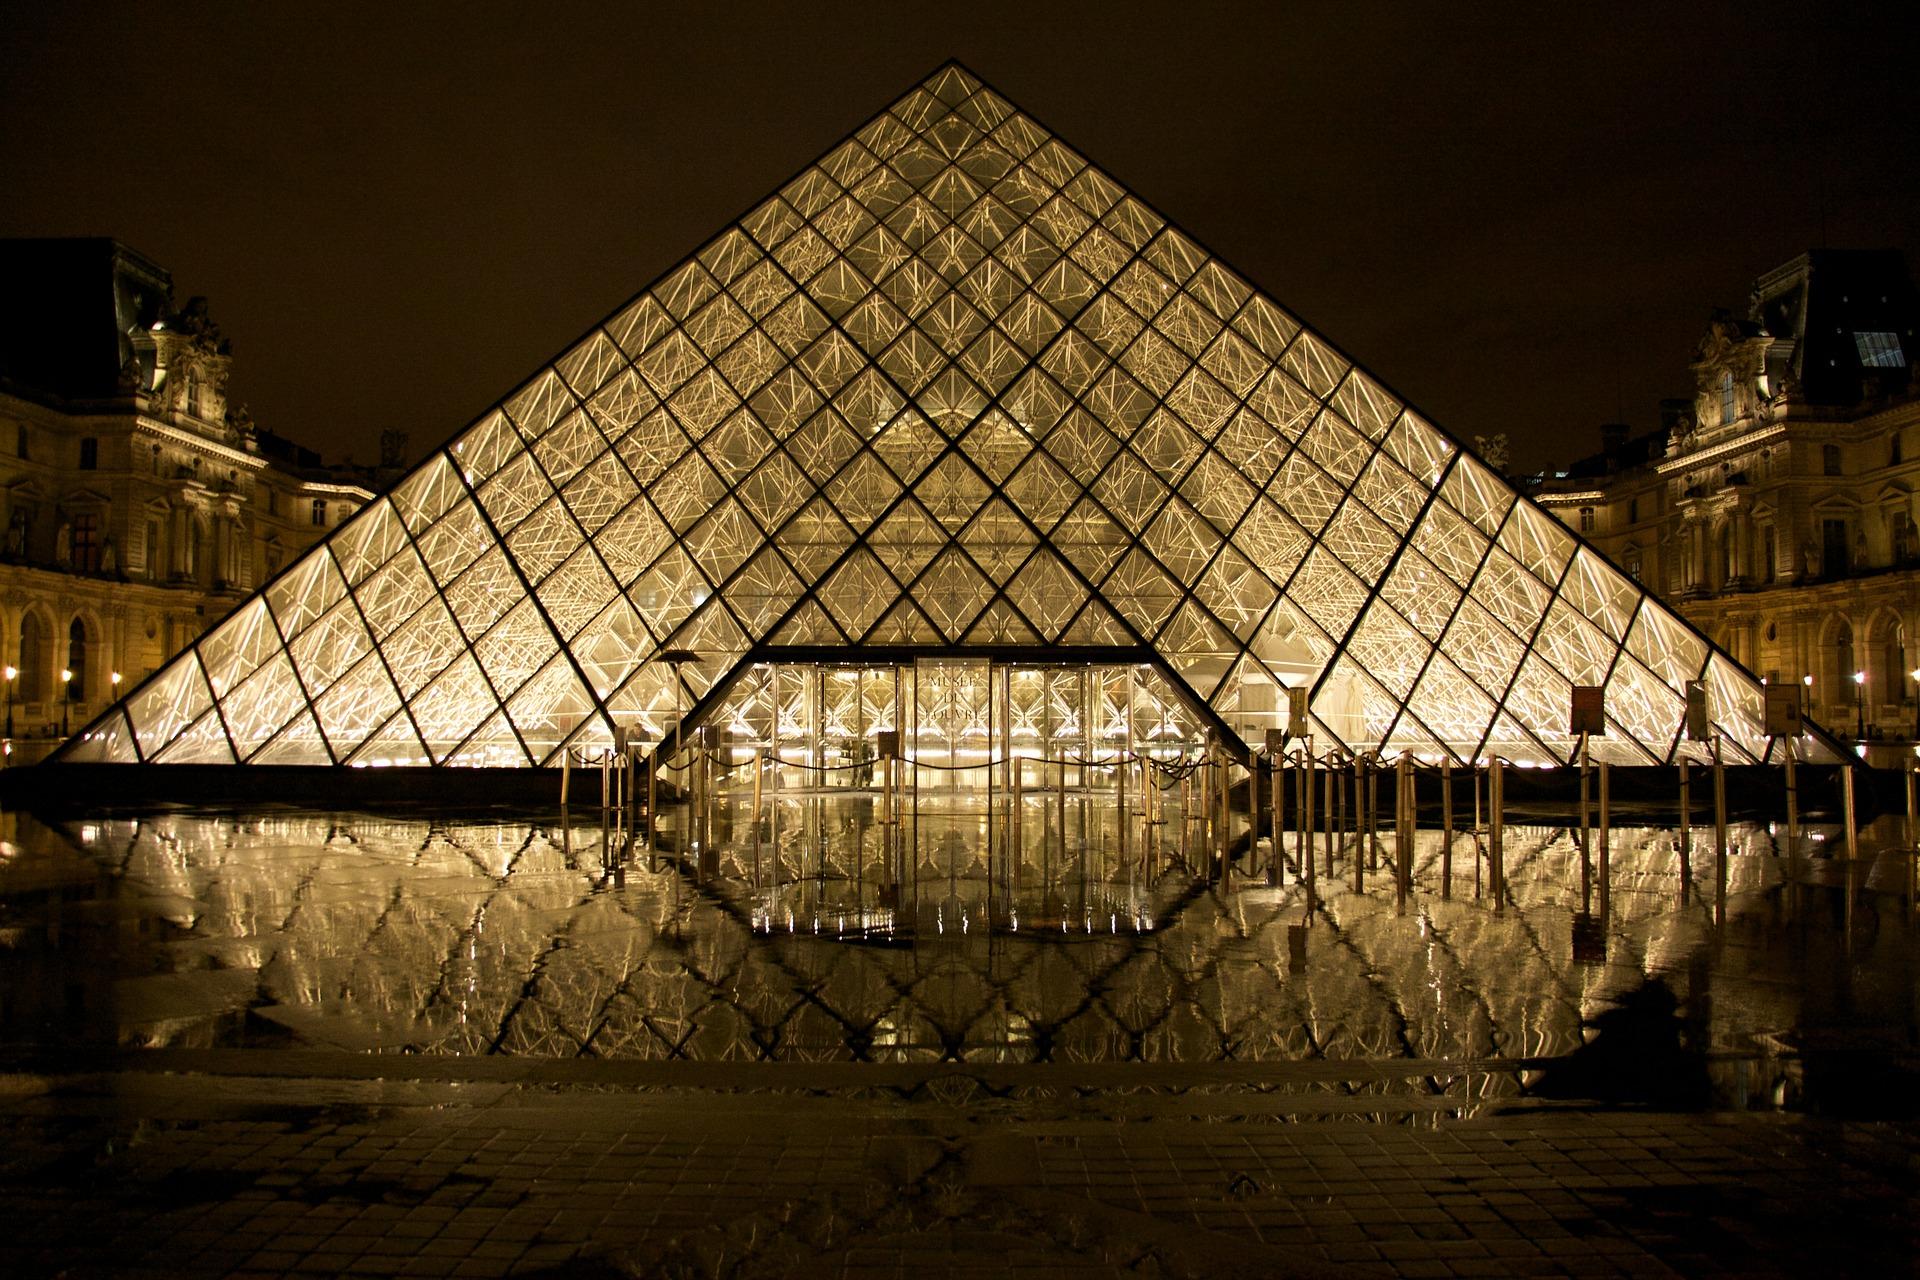 博物馆, 罗浮宫, 巴黎, 法国, 金字塔 - 高清壁纸 - 教授-falken.com